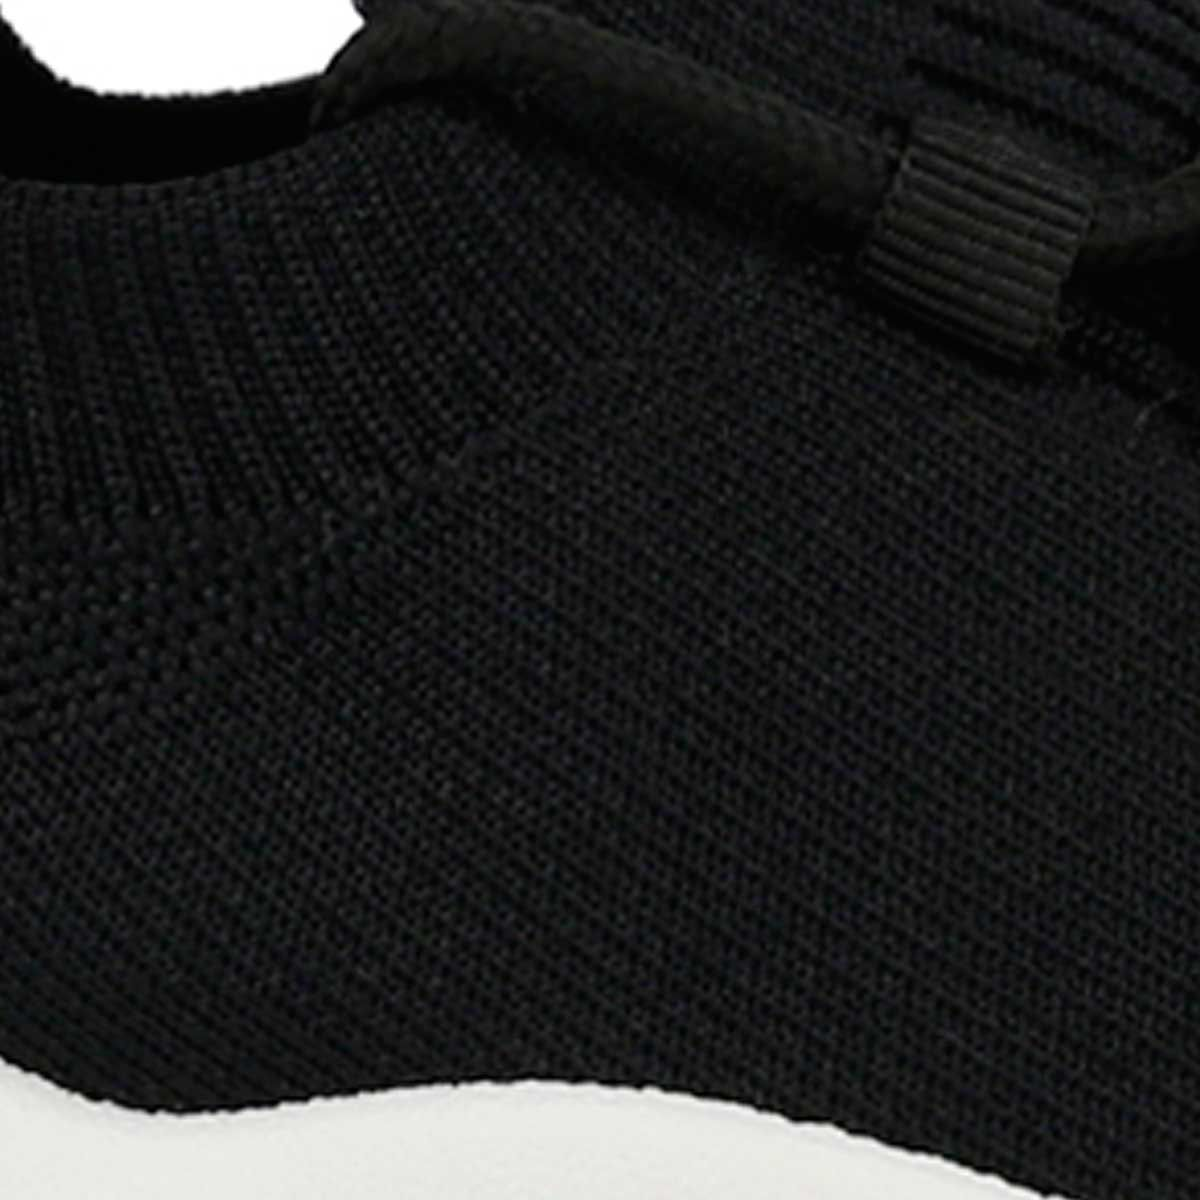 Montevita Sporty Sneaker in Black